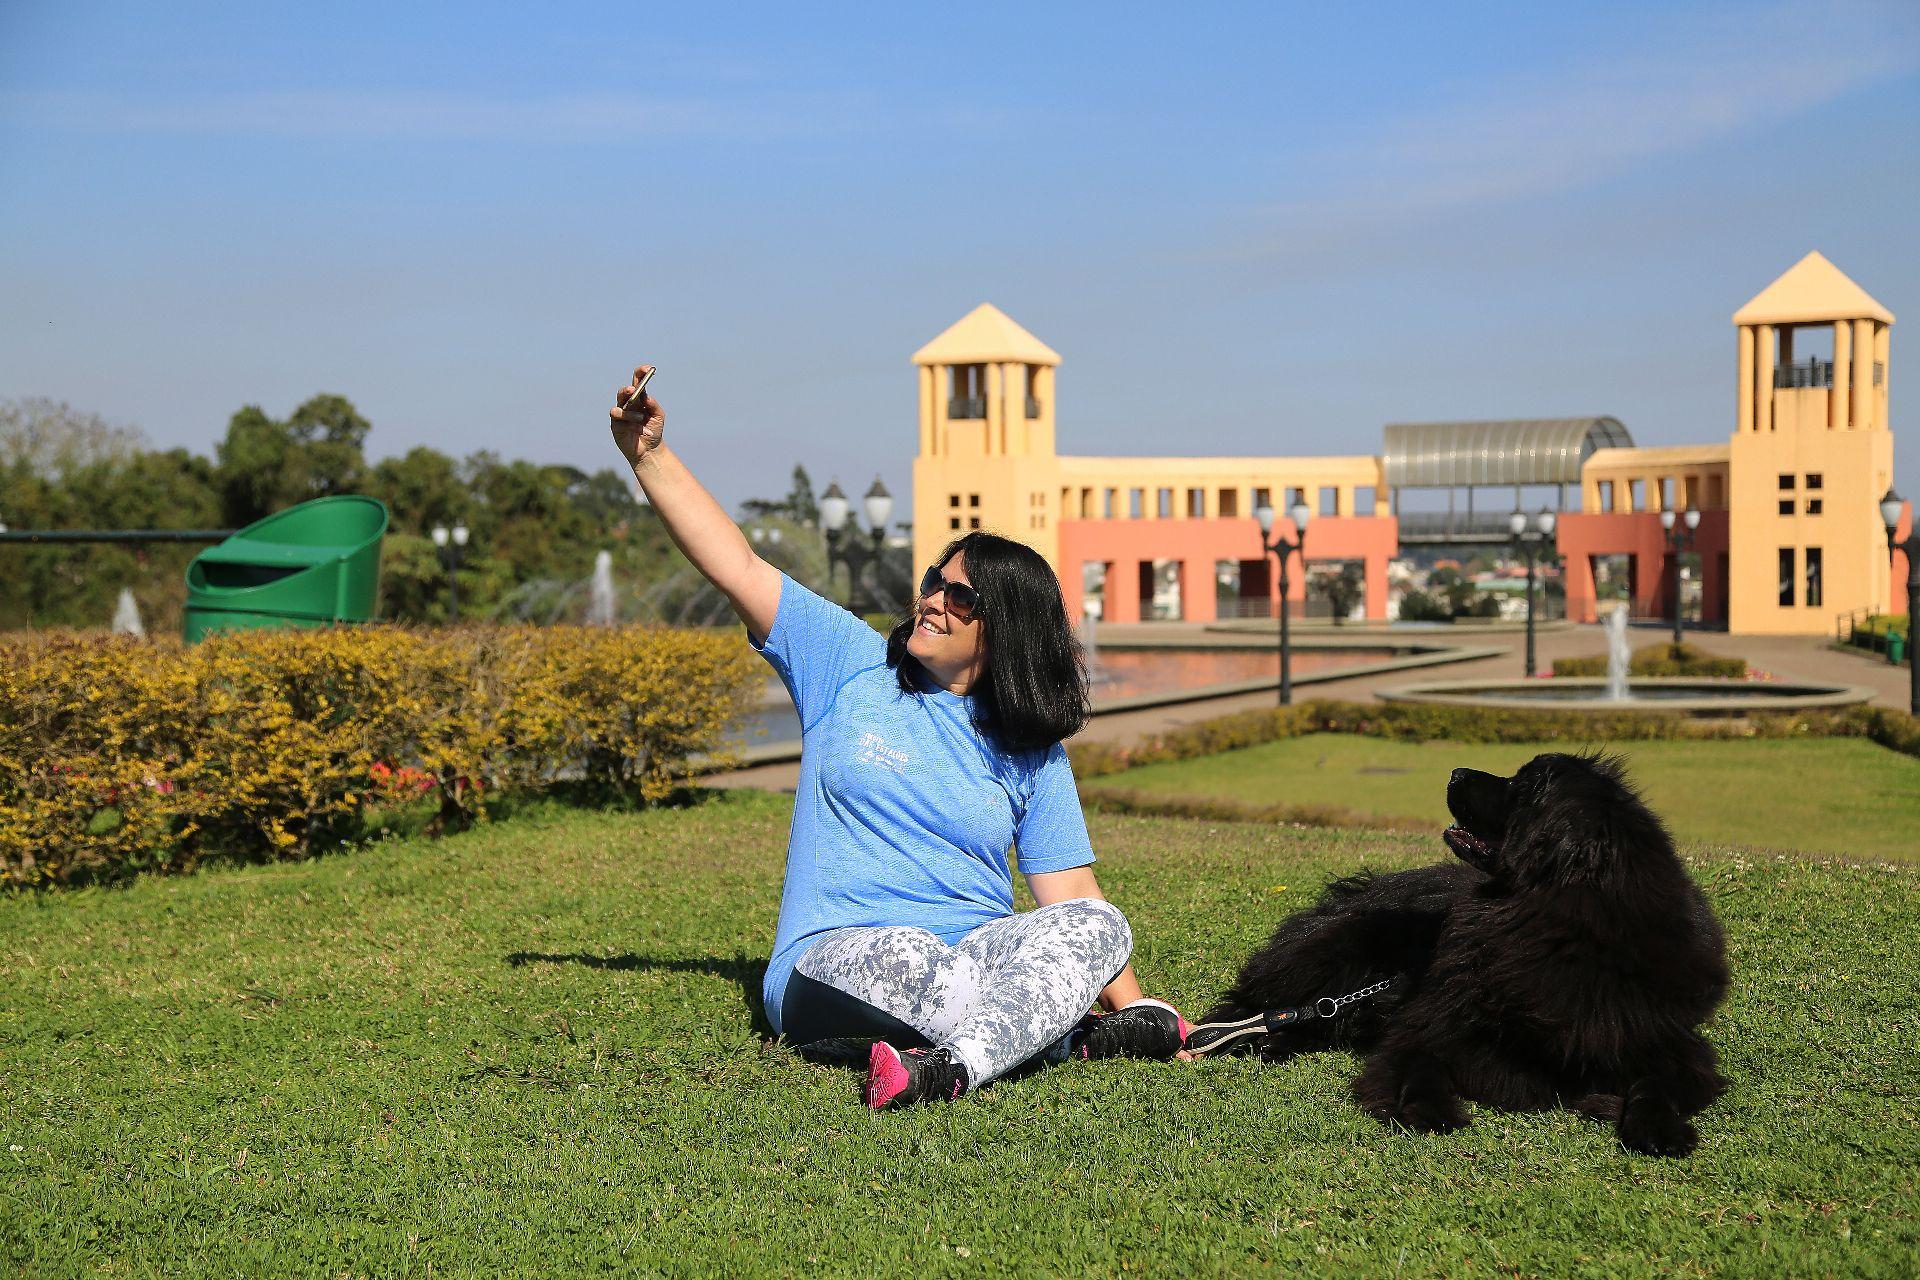 Em Curitiba. não faltam lugares para fazer selfie, como o parque Tanguá. Foto: Gazeta do Povo